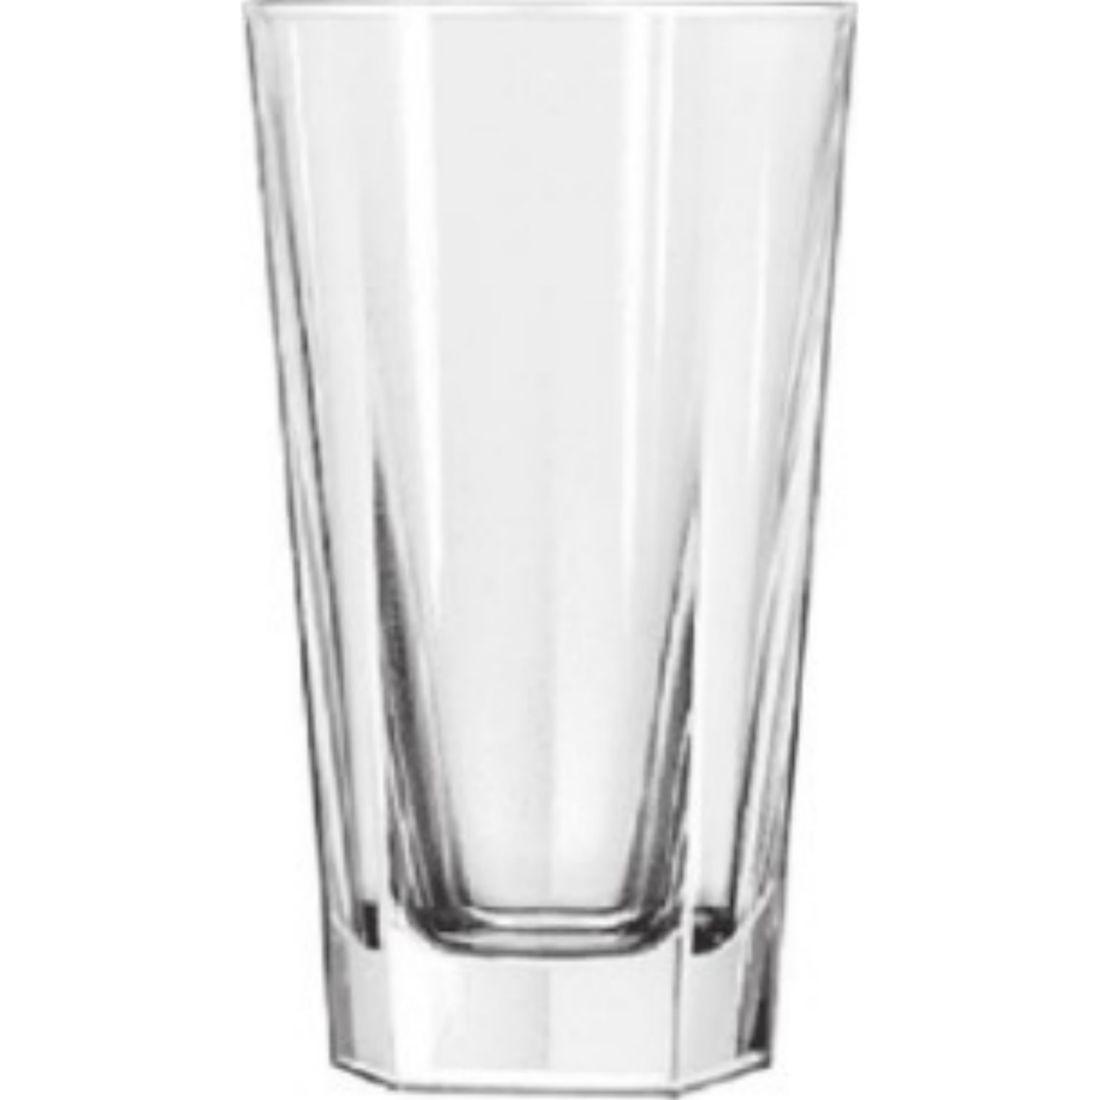 Inverness sklenička 35 cl